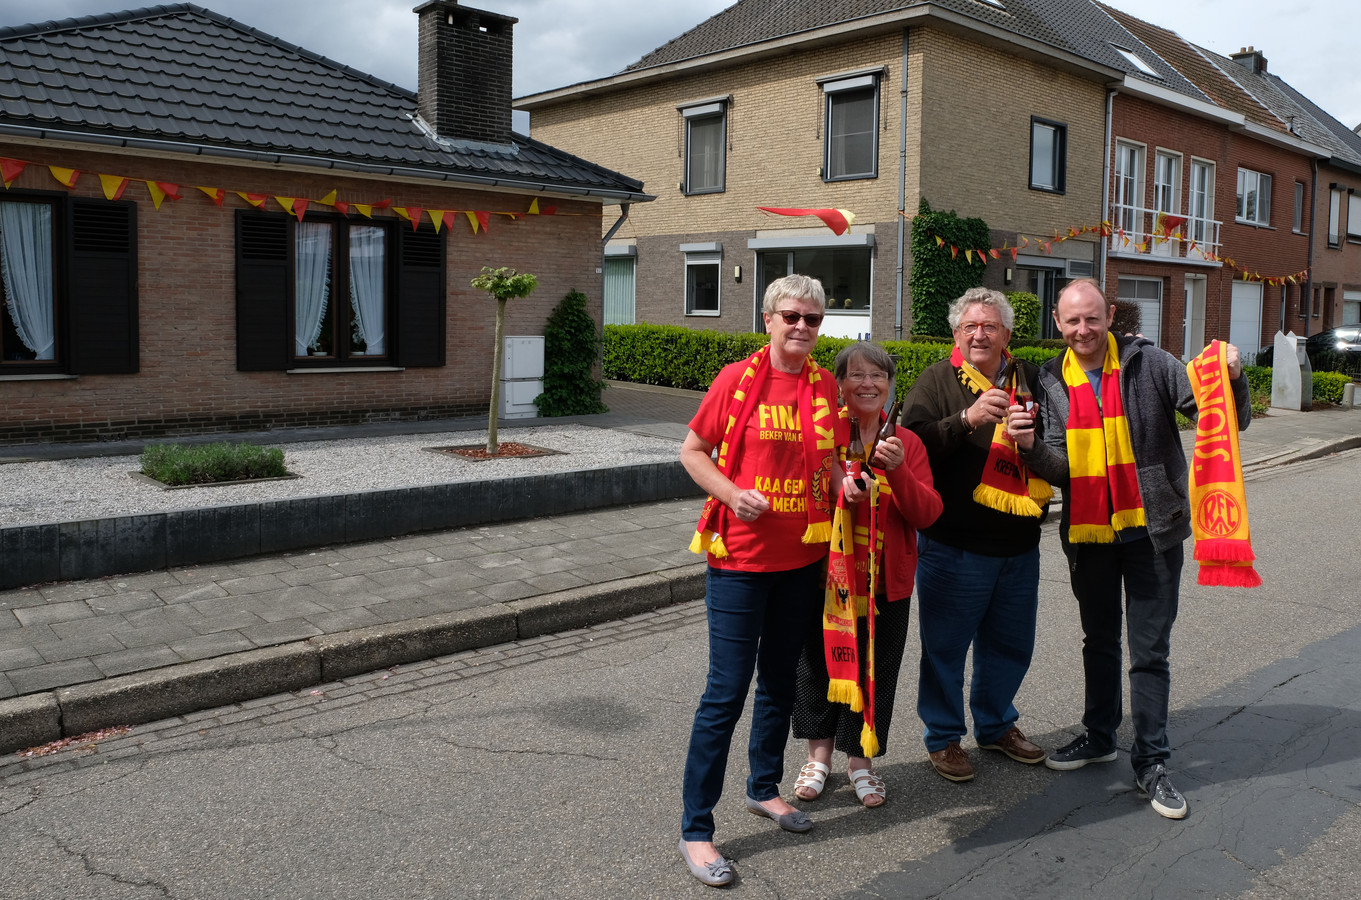 KV-supporters Kris Roels, Kurt Verheyen, Roger Van Paesschen en Nini Van Haacht versierden hun huizen.